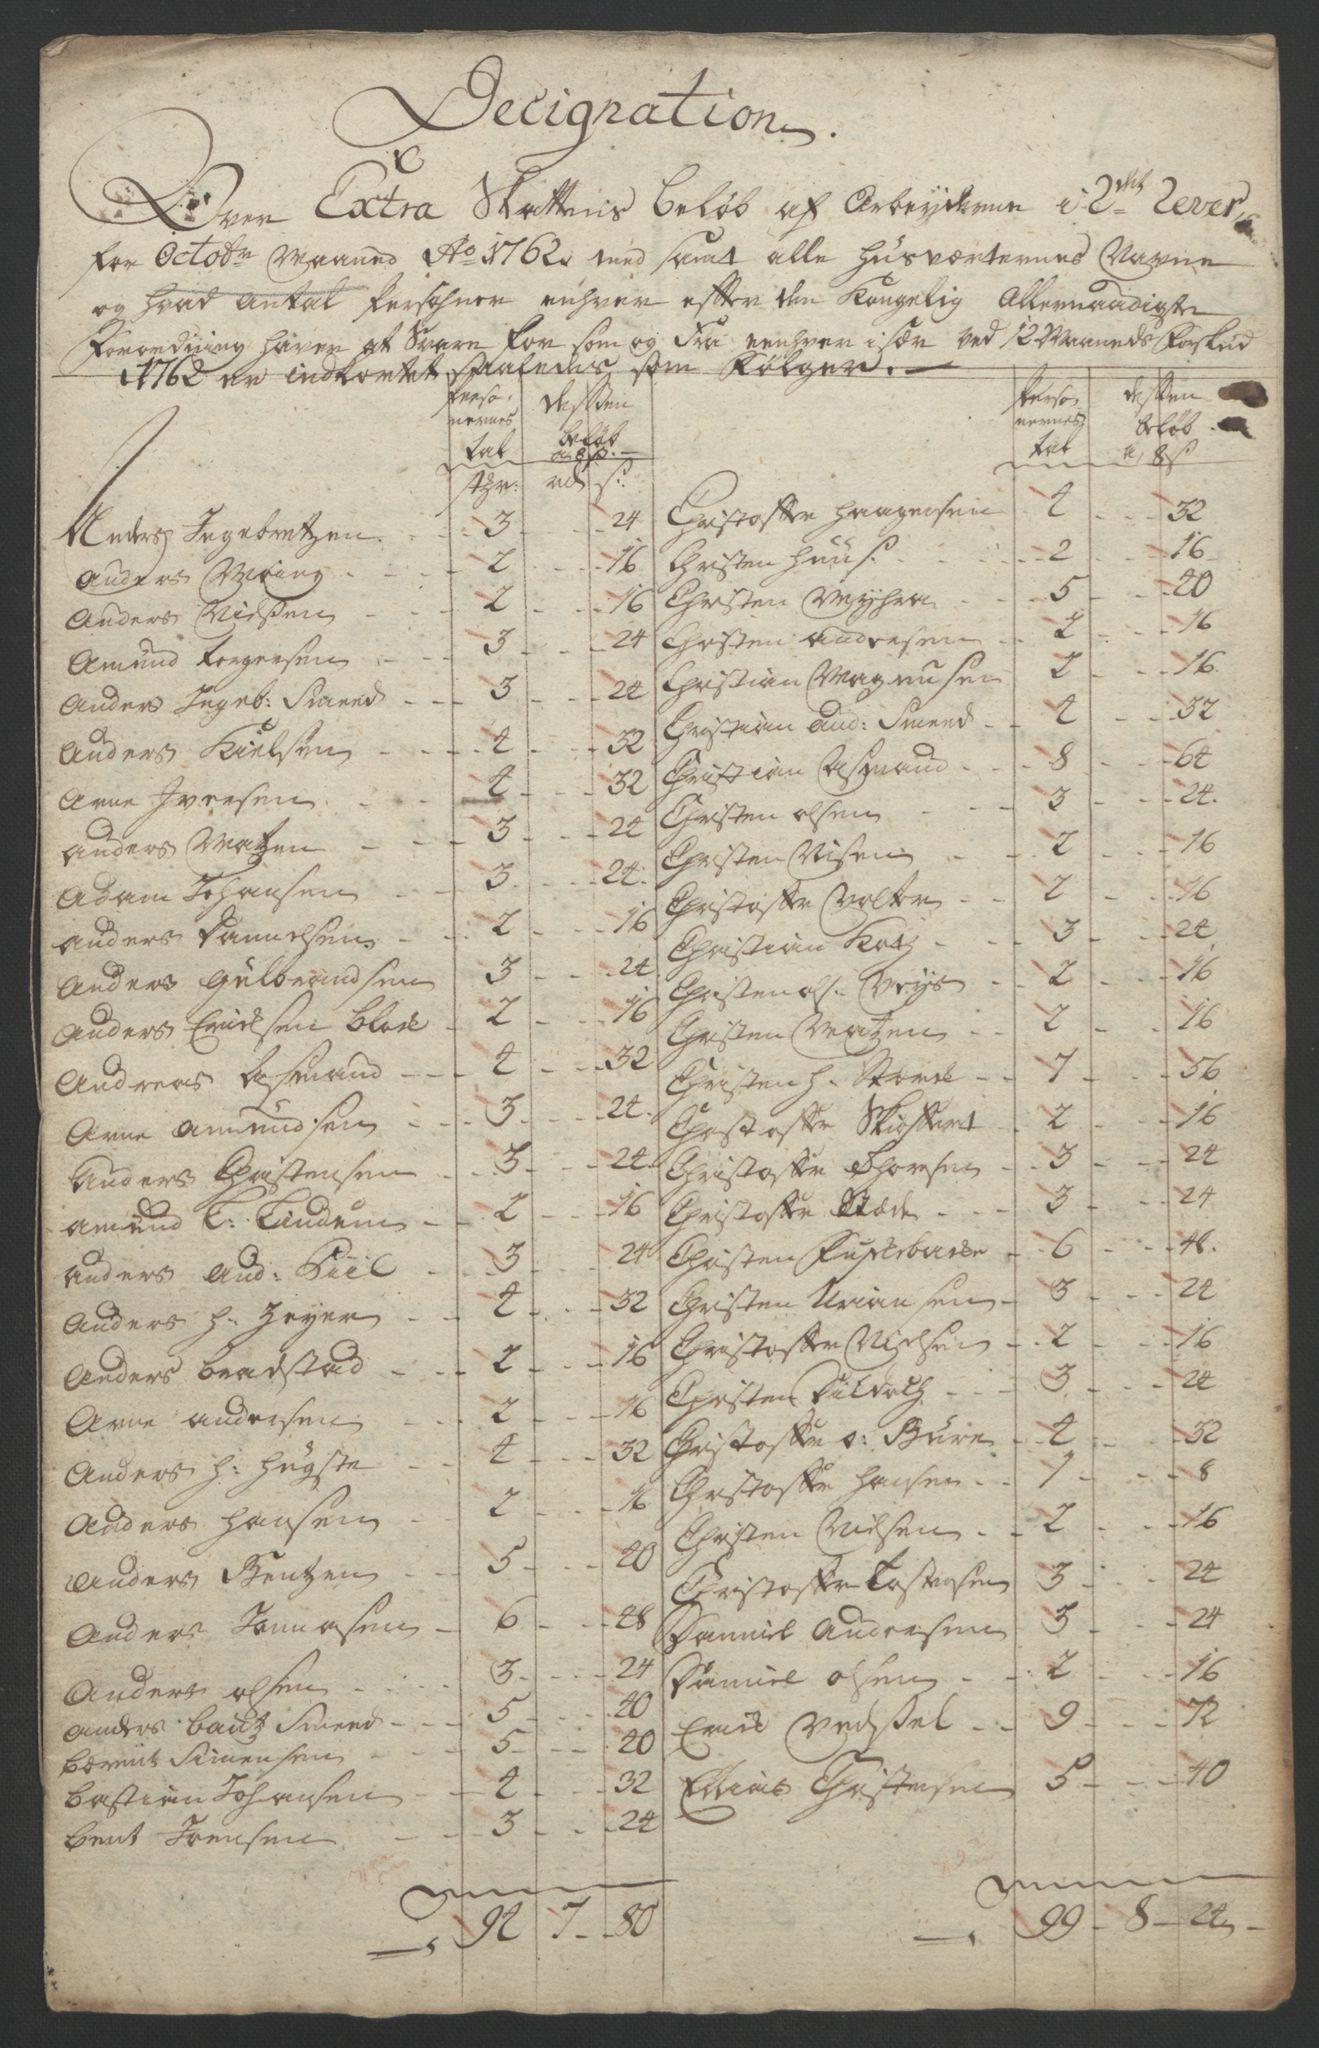 RA, Rentekammeret inntil 1814, Reviderte regnskaper, Bergverksregnskaper, R/Rc/Rca/L0843: Ekstraskatt, 1762-1765, s. 144